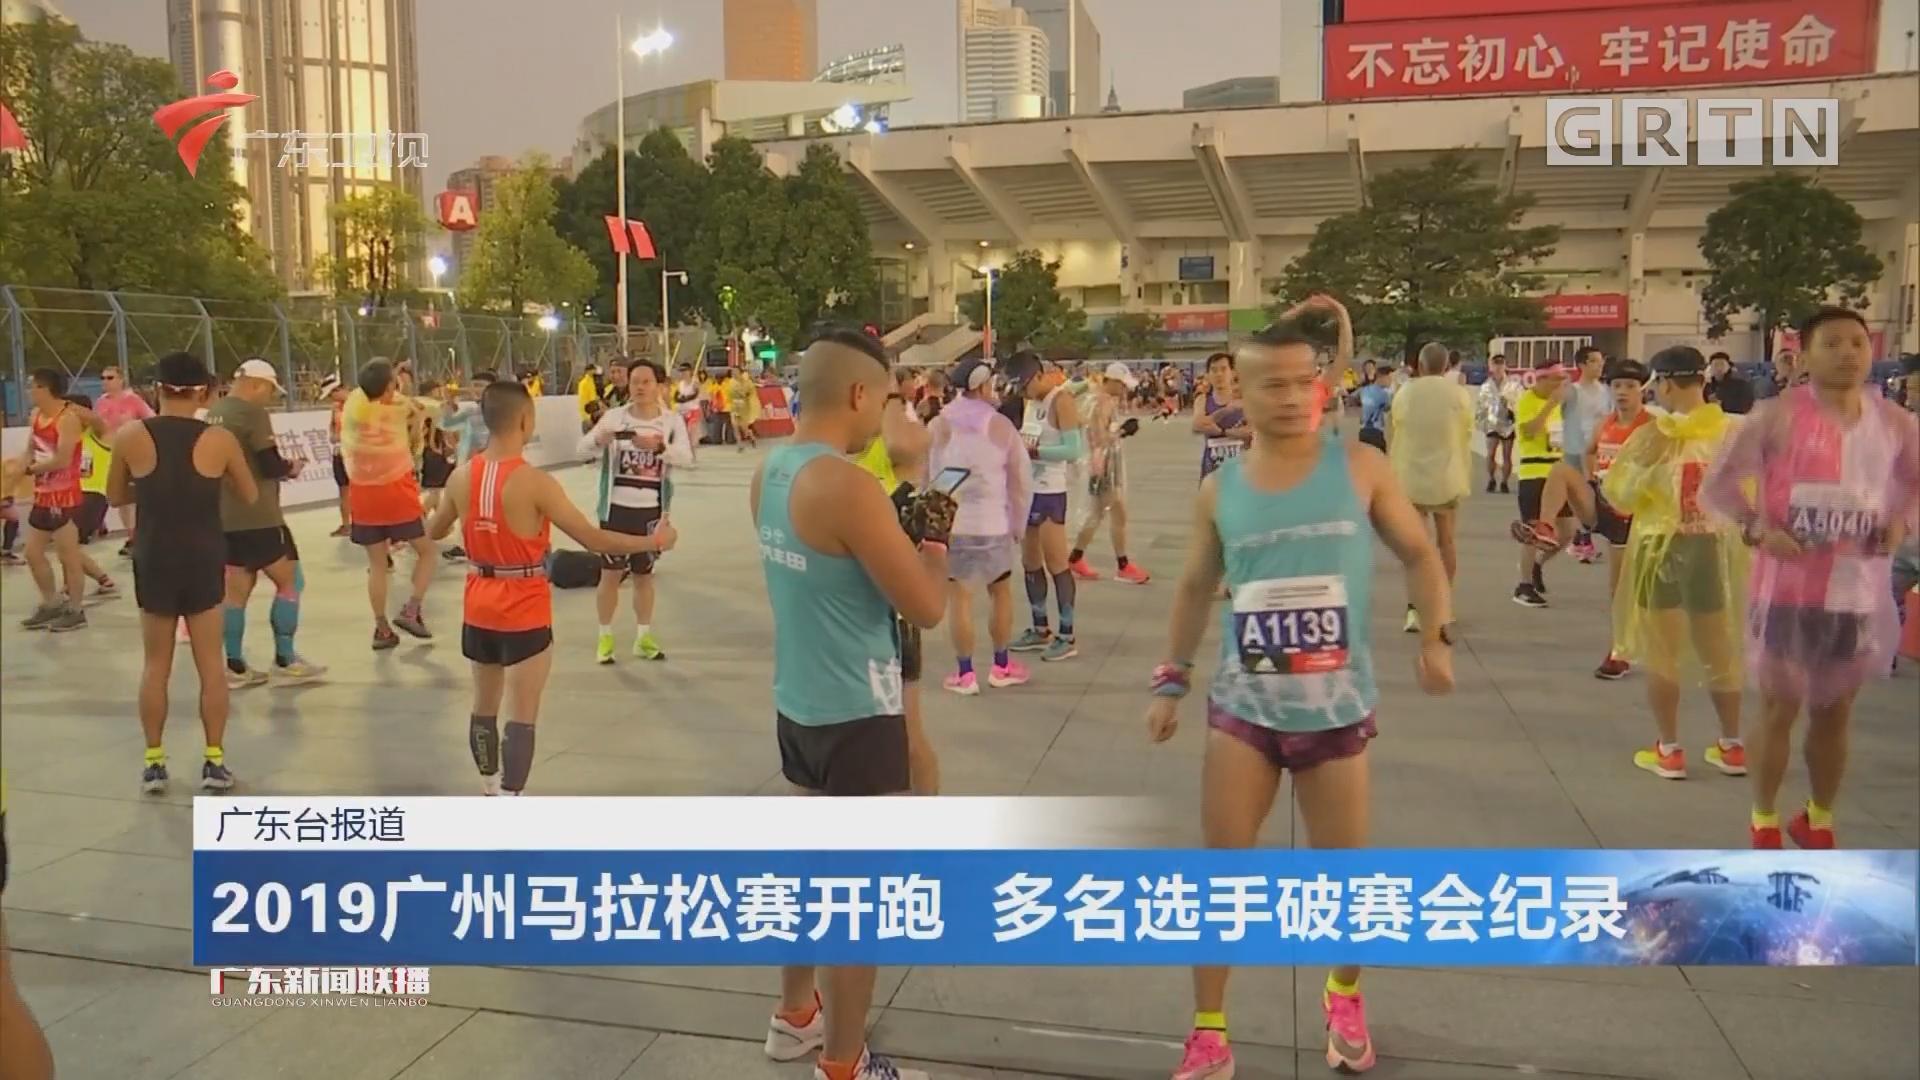 2019广州马拉松赛开跑 多名选手破赛会纪录